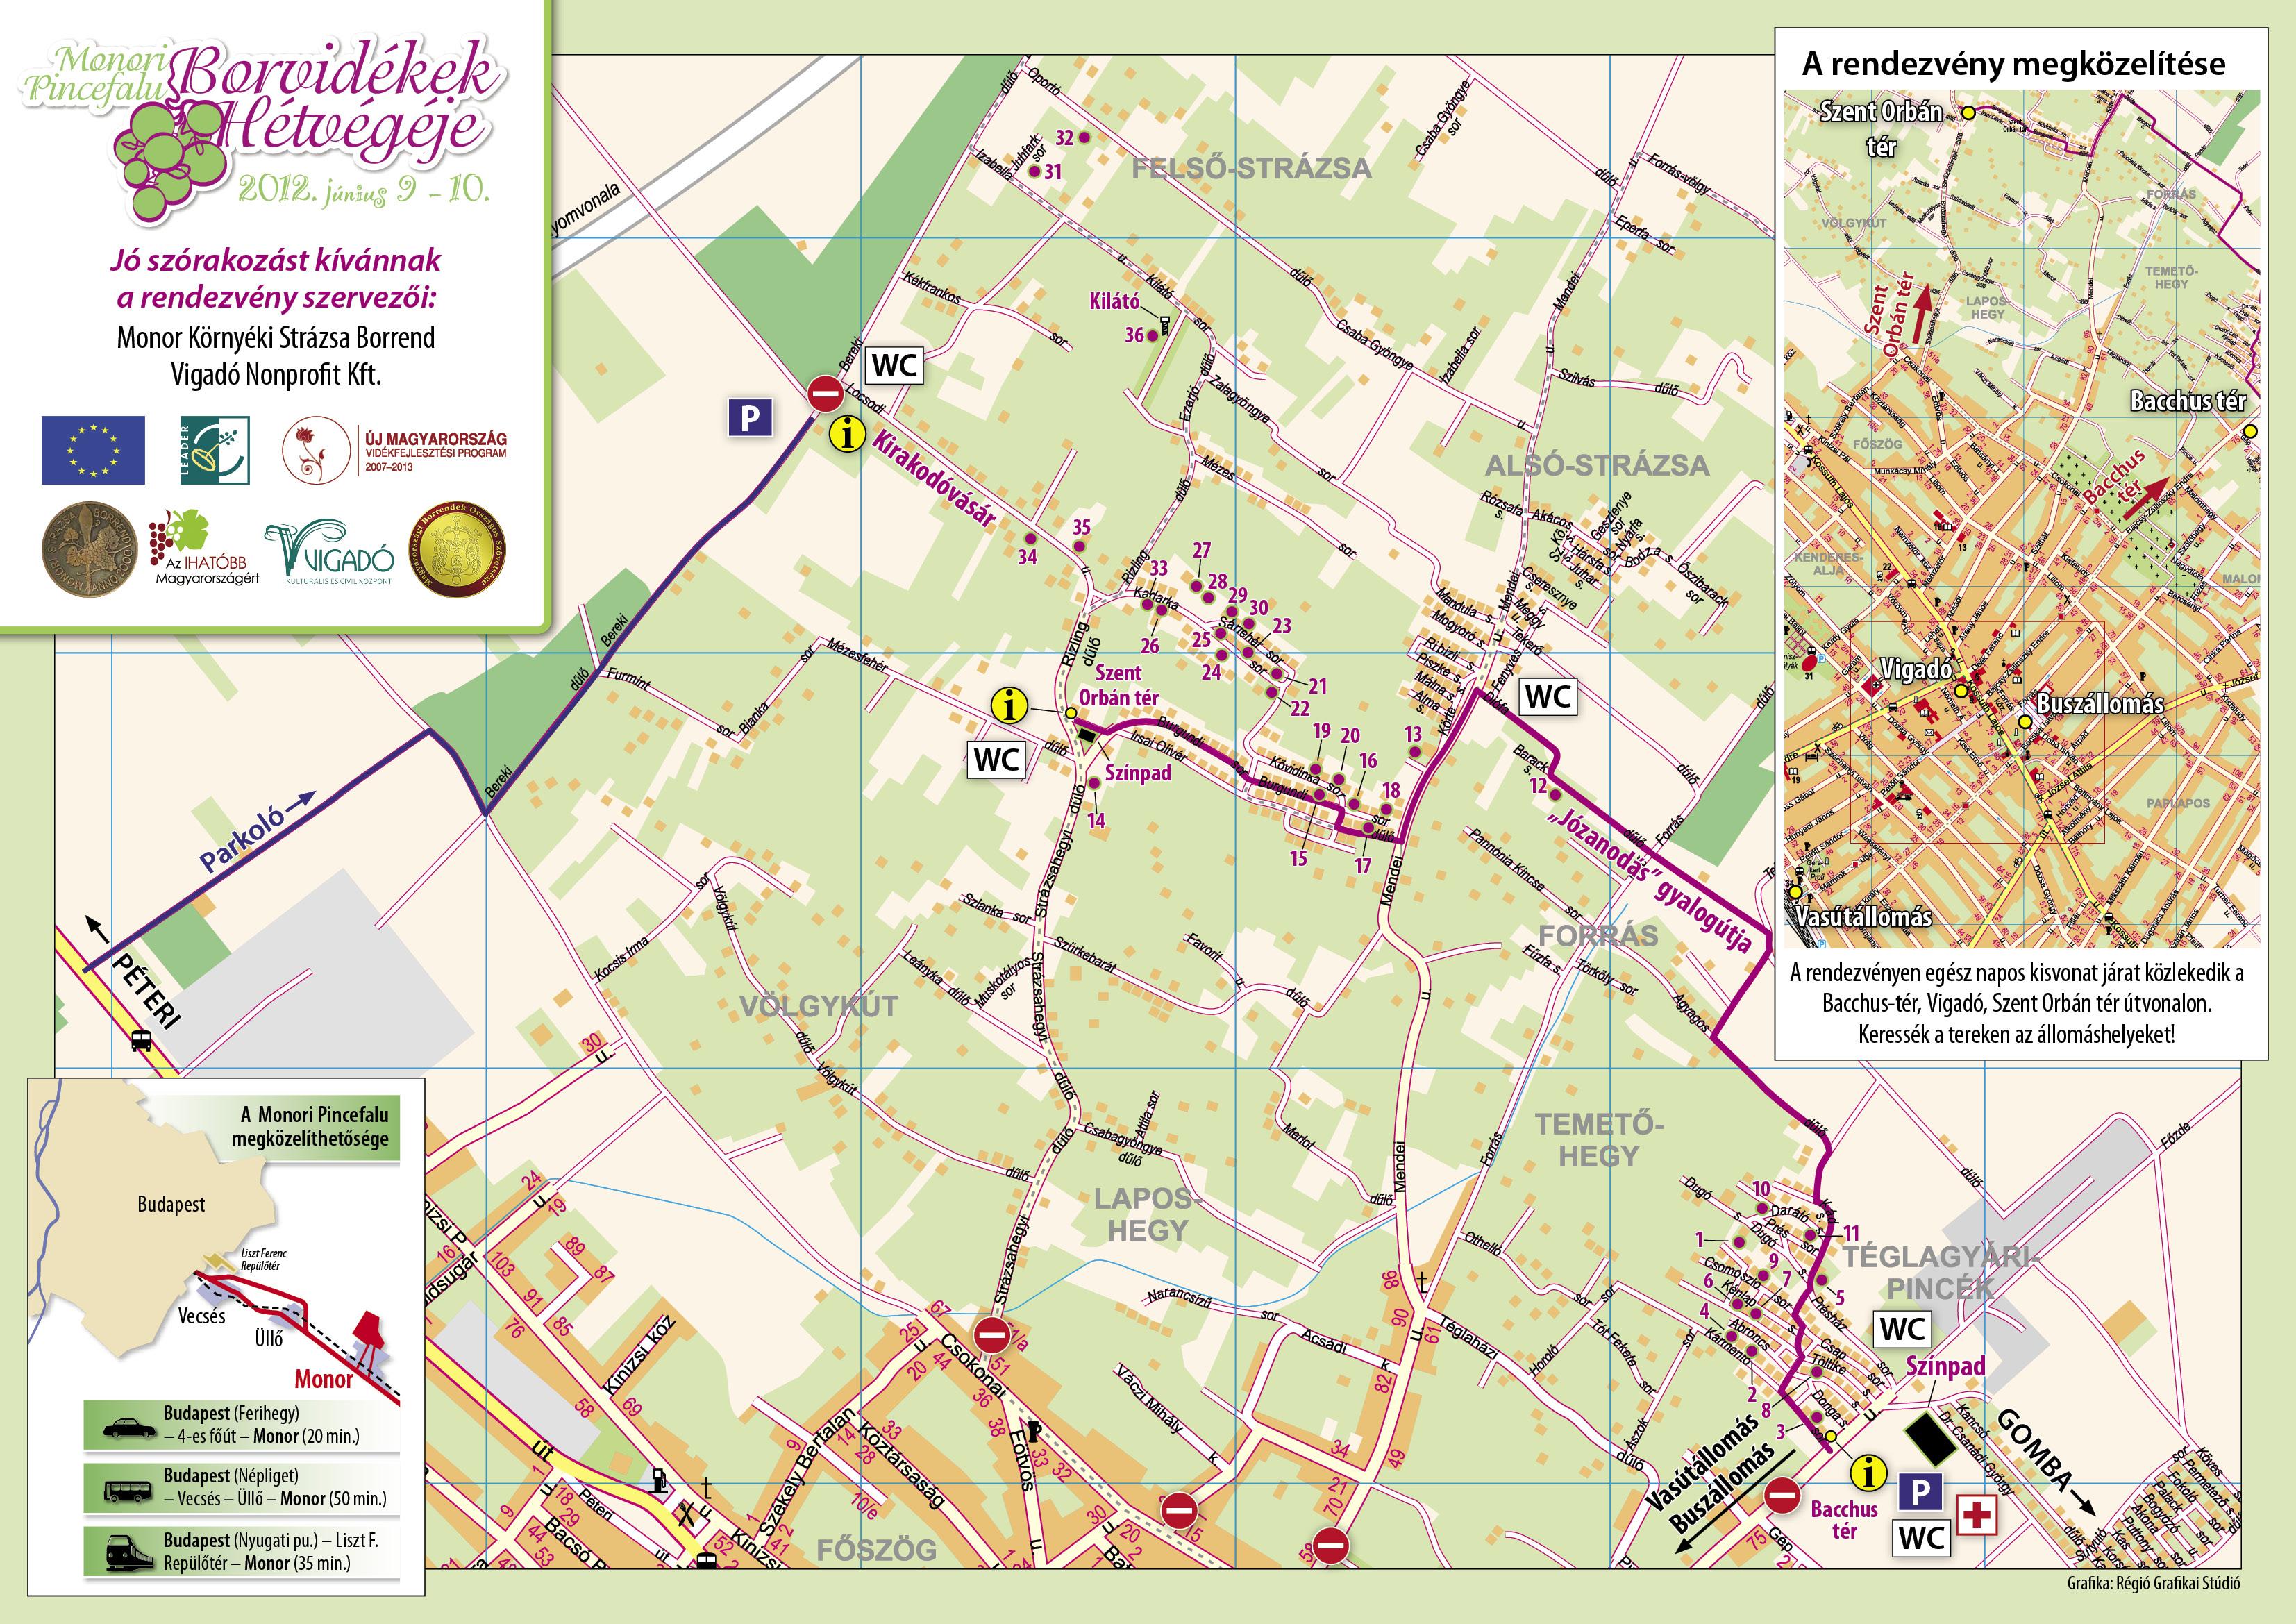 monor térkép Monor Környéki Strázsa Borrend » Borvidékek hétvégéje 2012 monor térkép